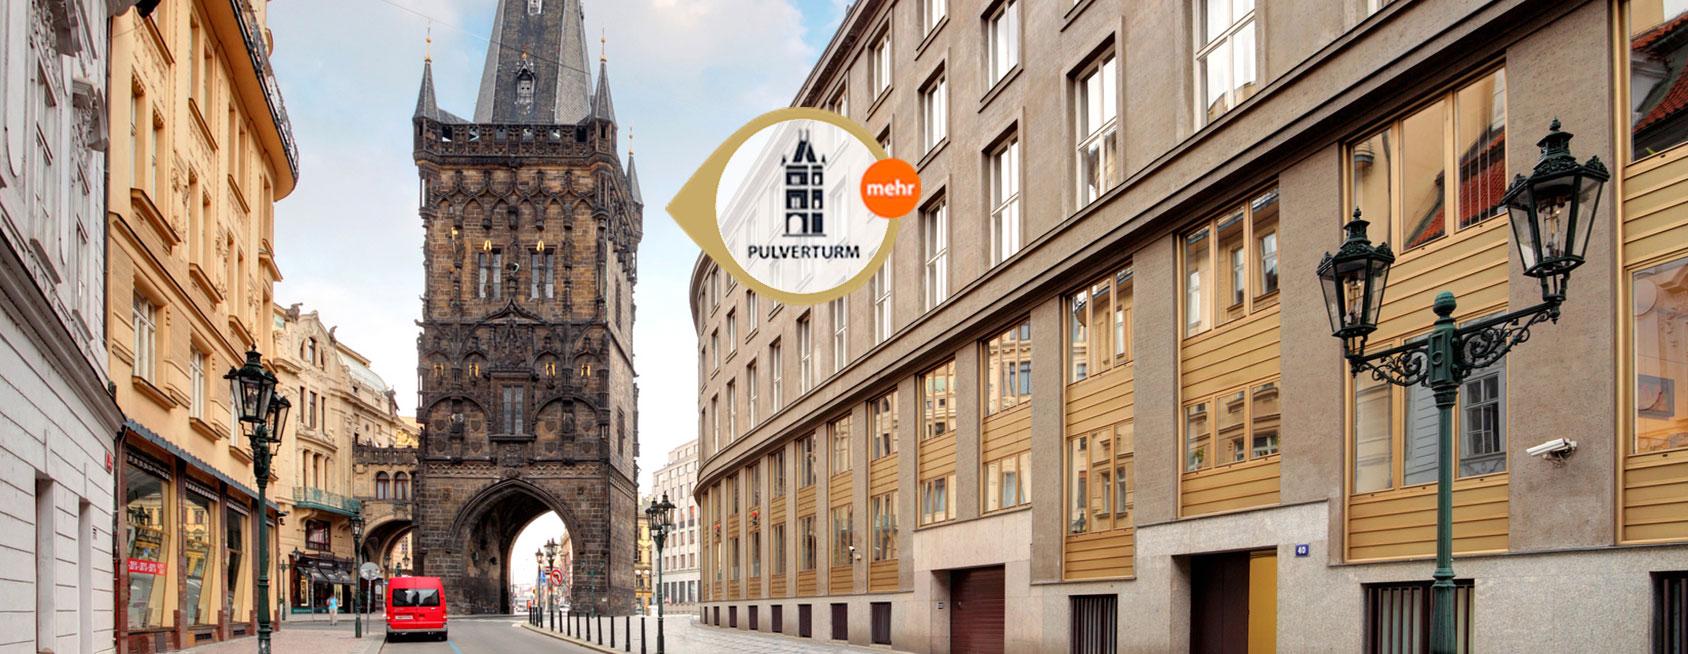 Pulverturm-Prag